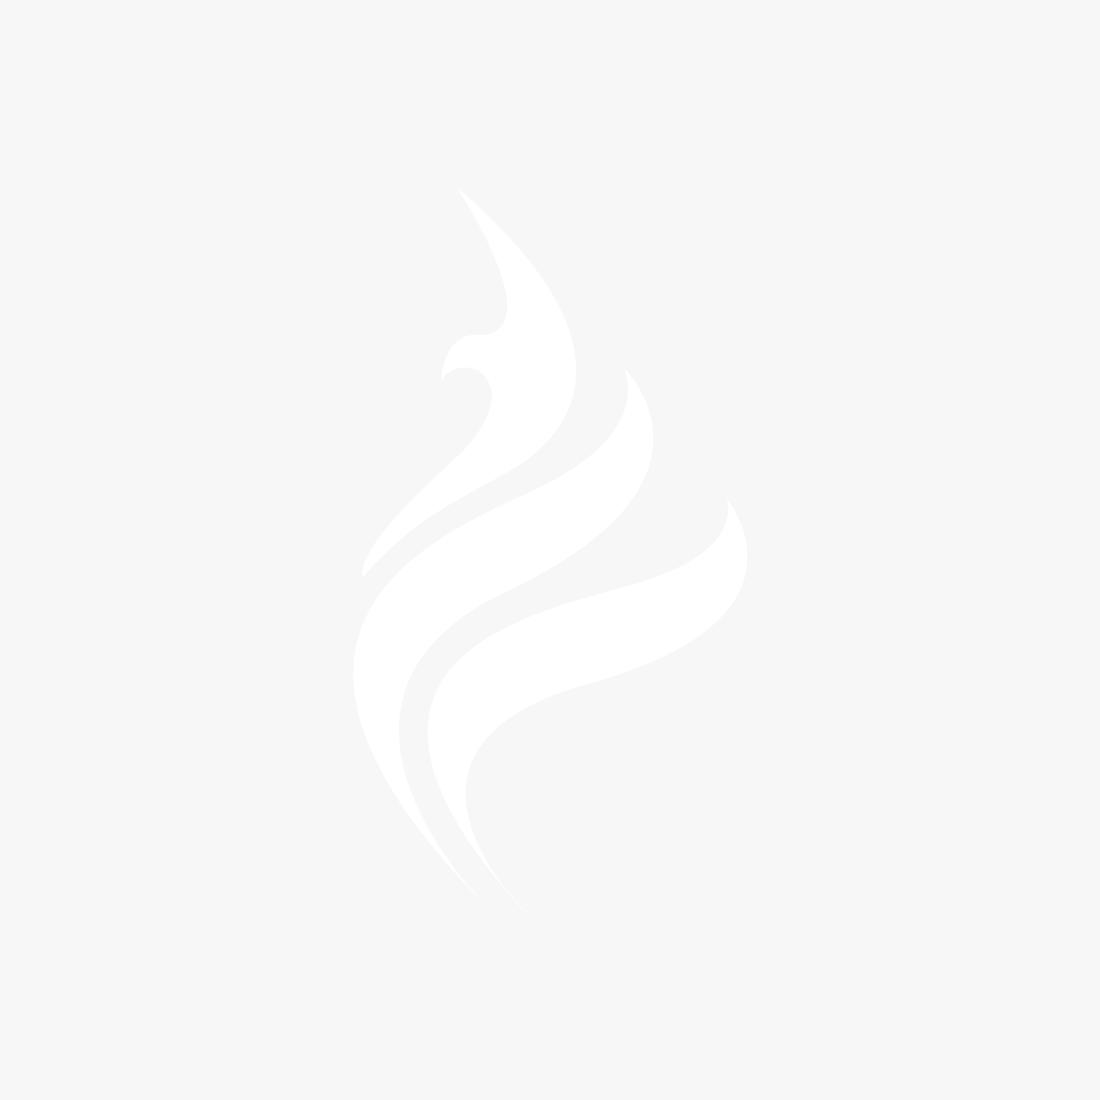 خشب ماهوجني افريقي